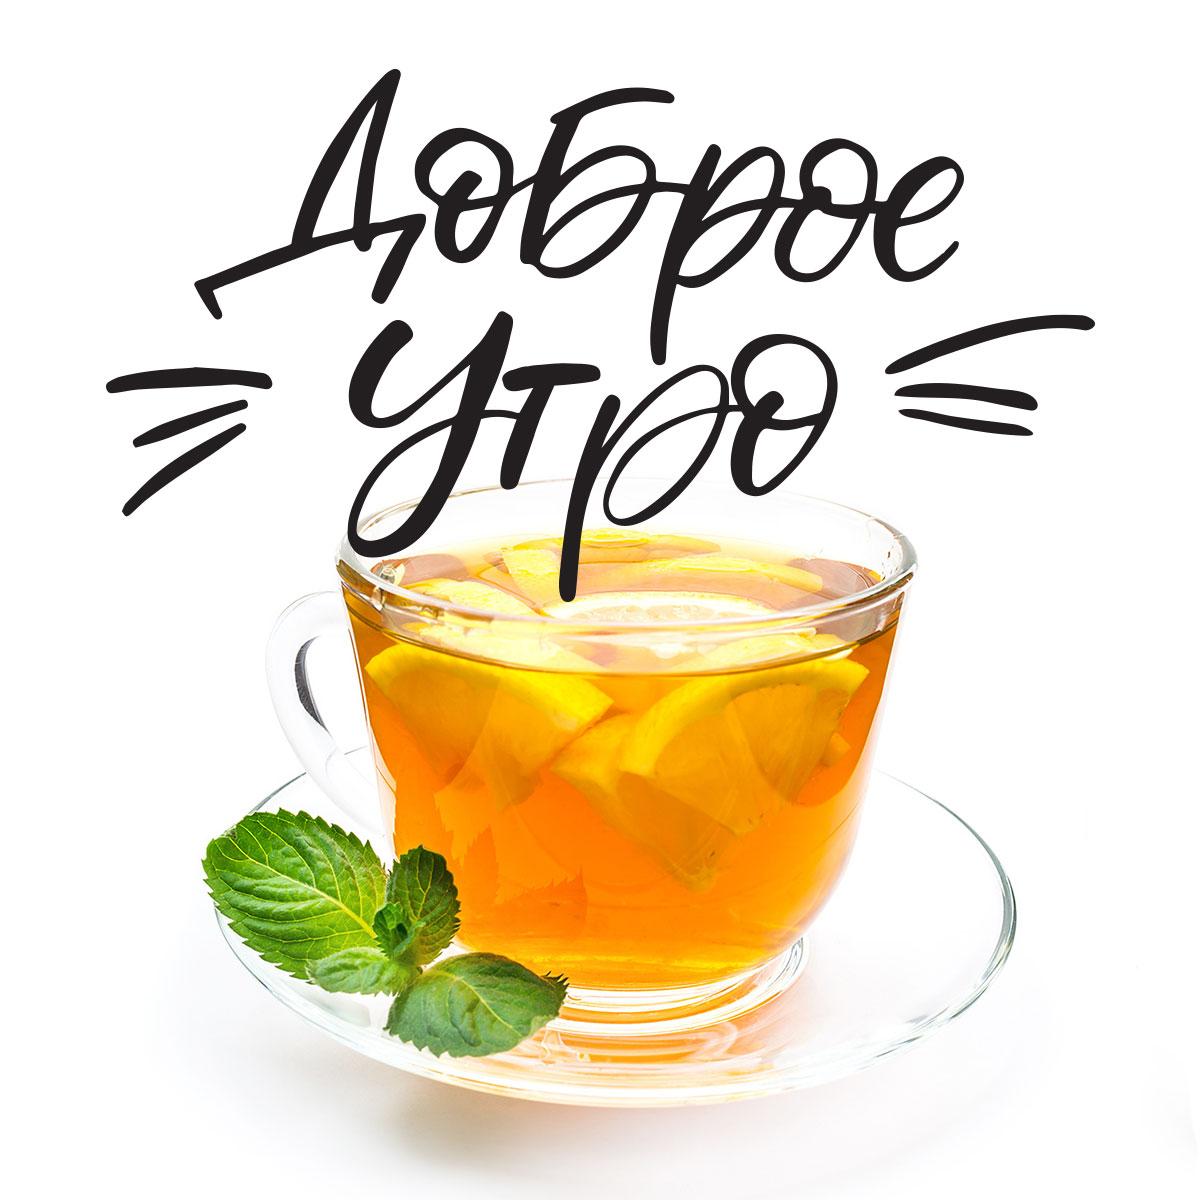 Чай с лимоном и веточкой мяты в прозрачной чашке на блюдце.